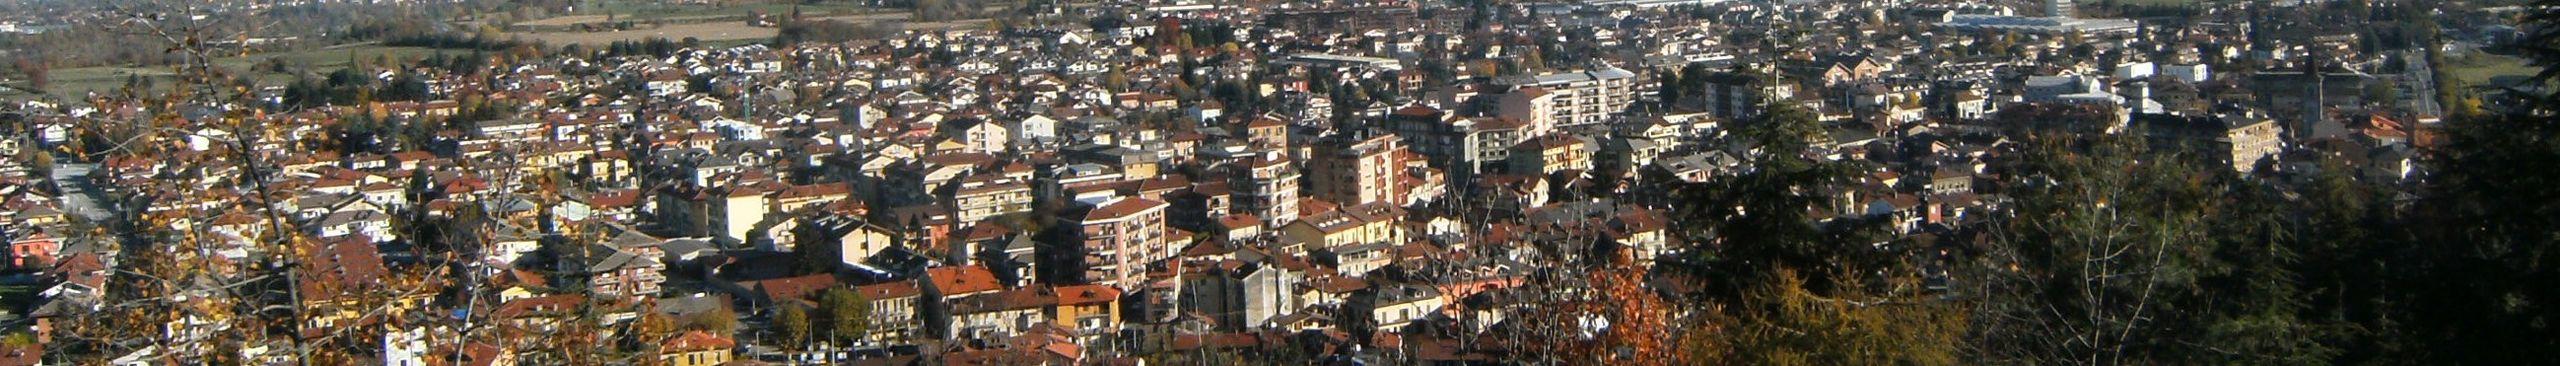 Borgo san dalmazzo wikivoyage guida turistica di viaggio for Materassi borgo san dalmazzo